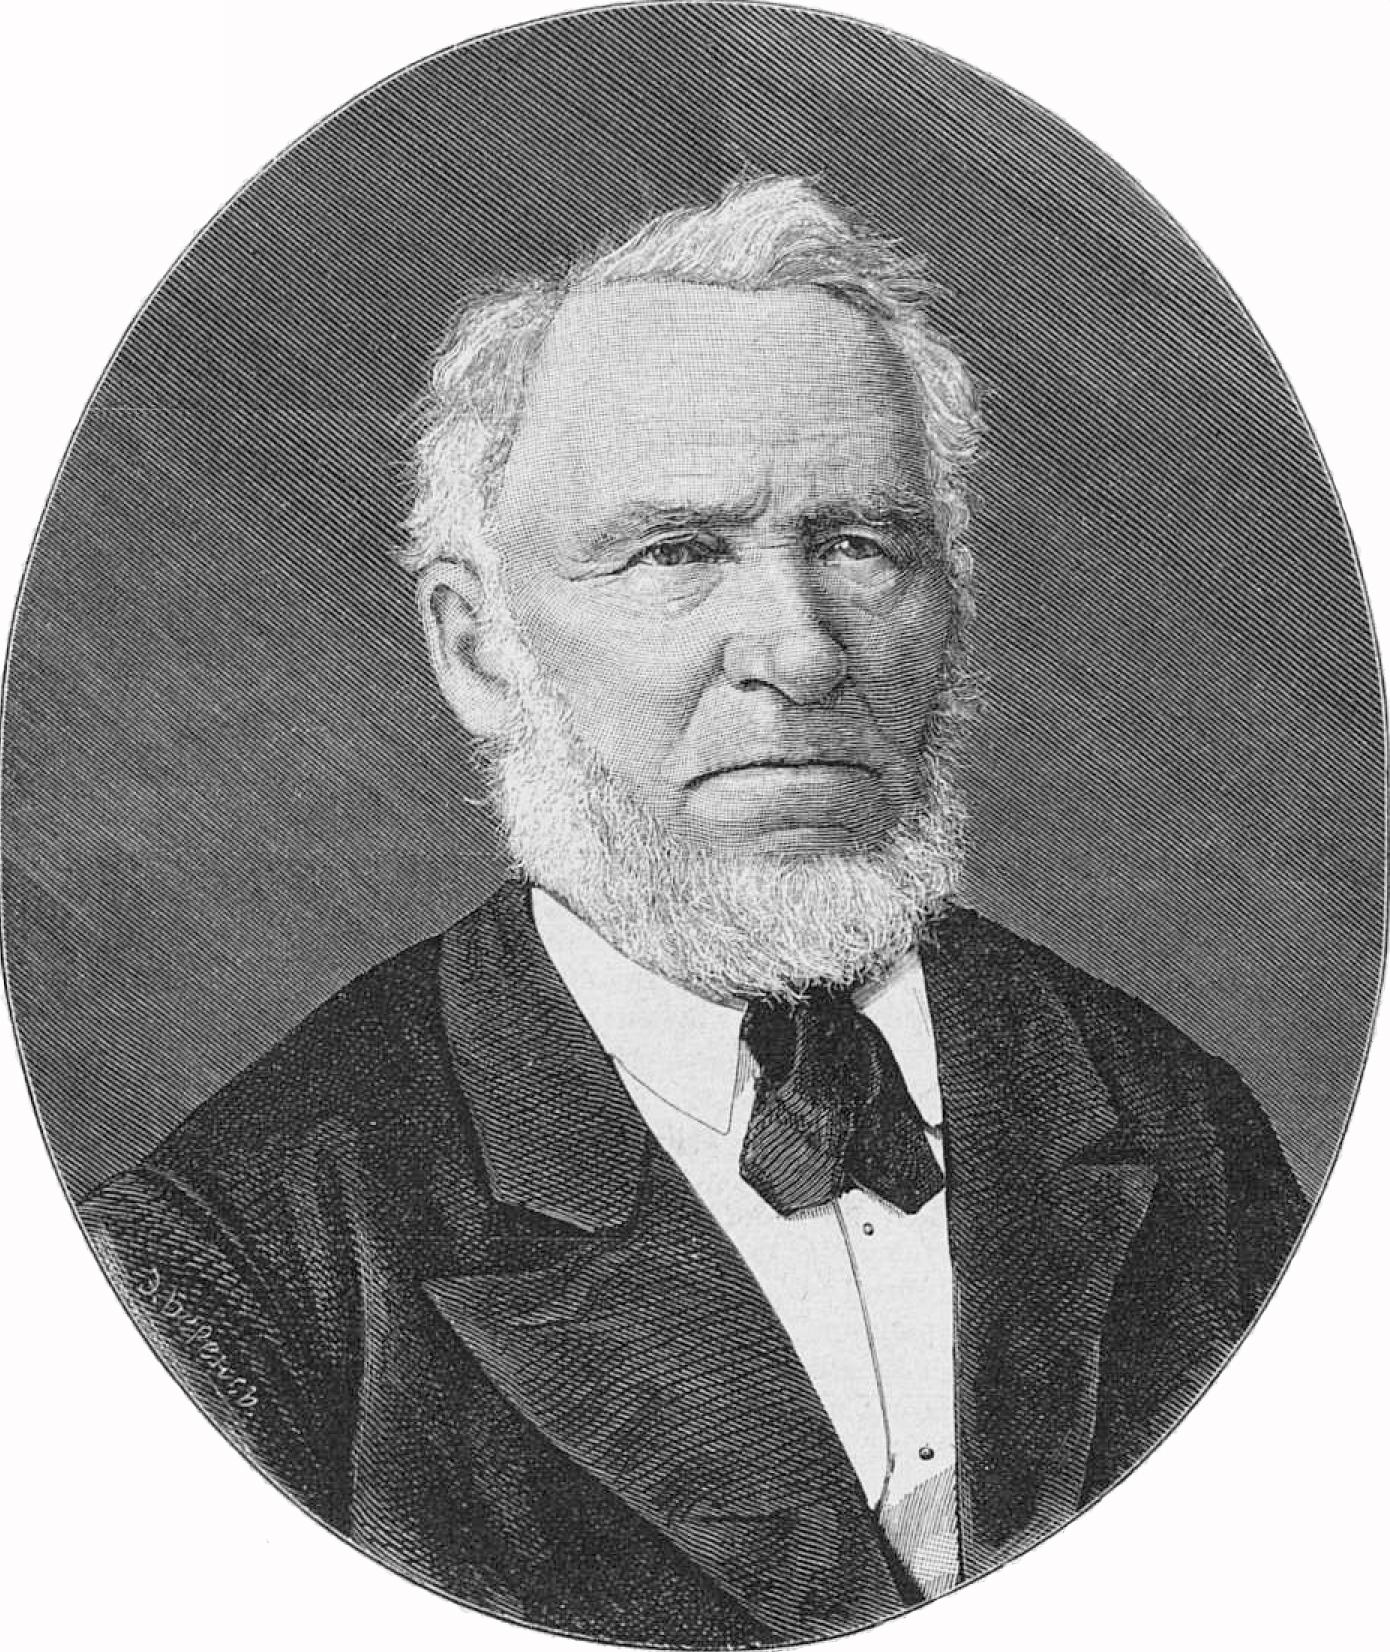 Edward August Von Regal